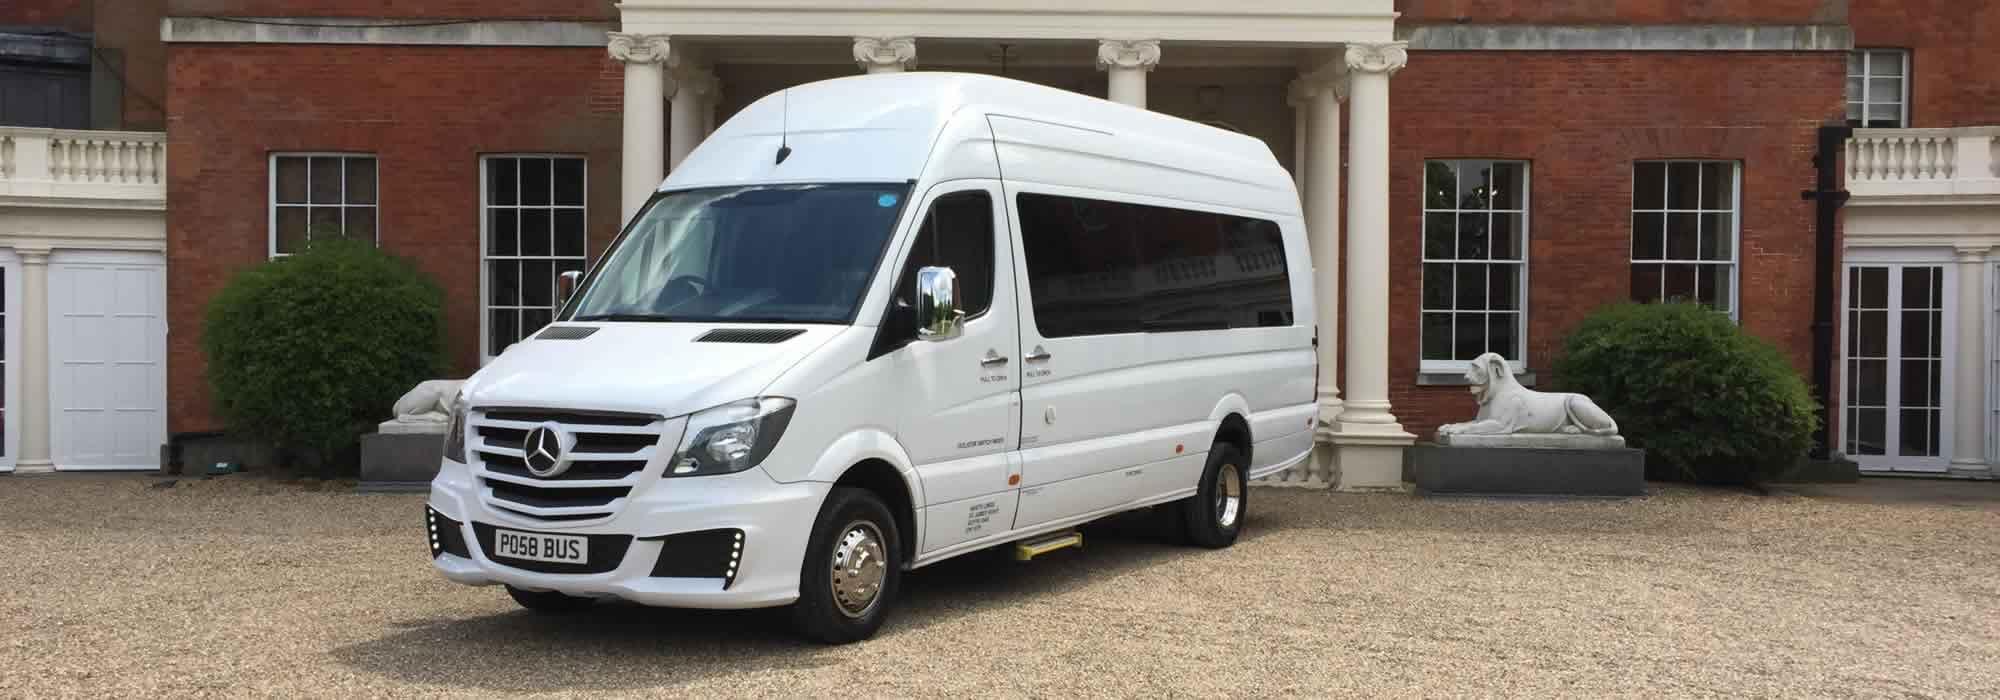 Mercedes white party bus